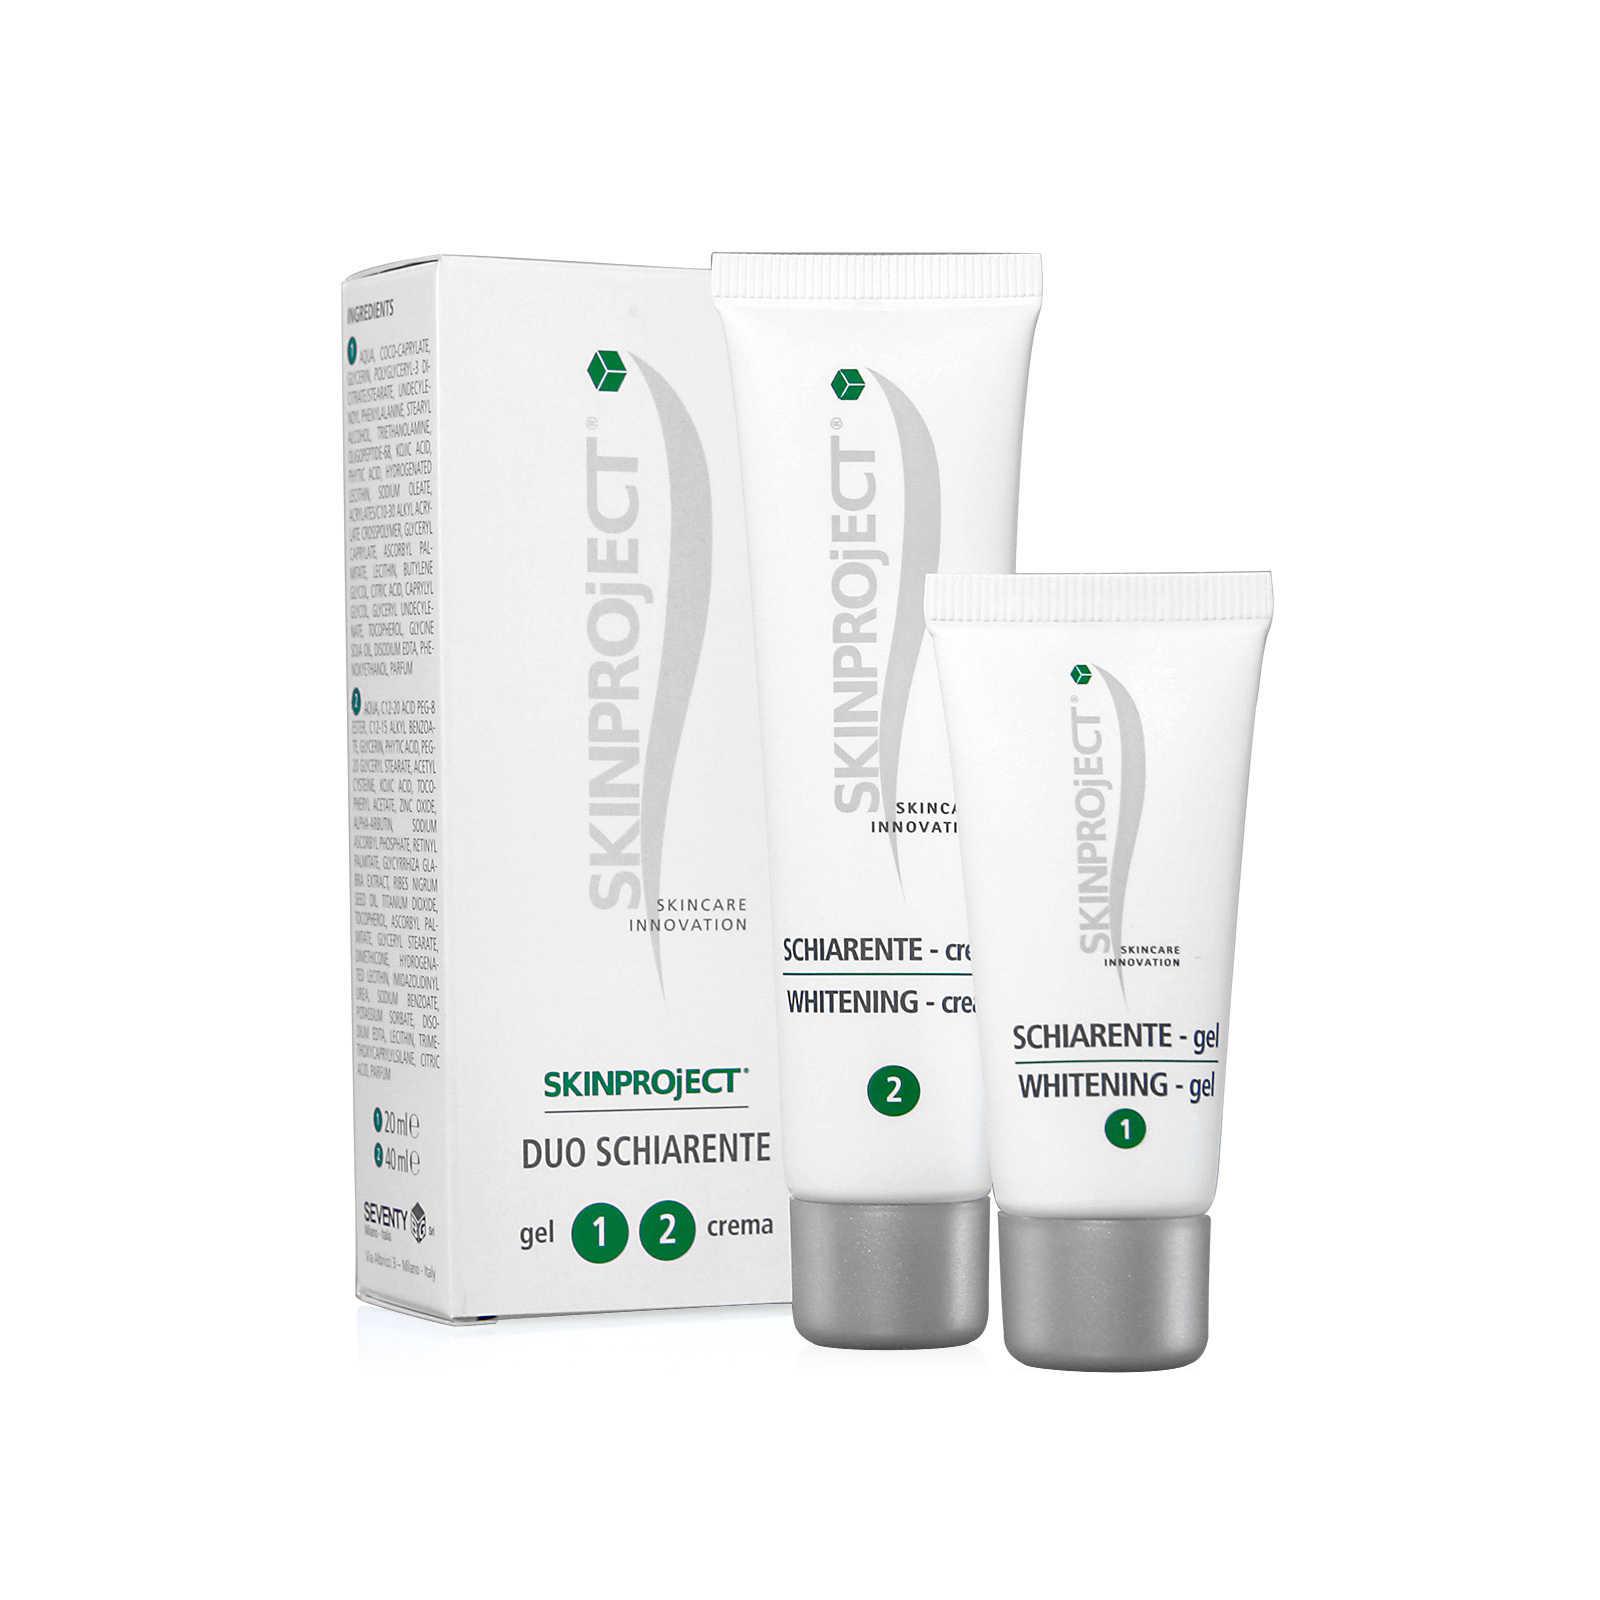 Skinproject Trattamento intensivo cutaneo - Duo Schiarente - Crema + Siero